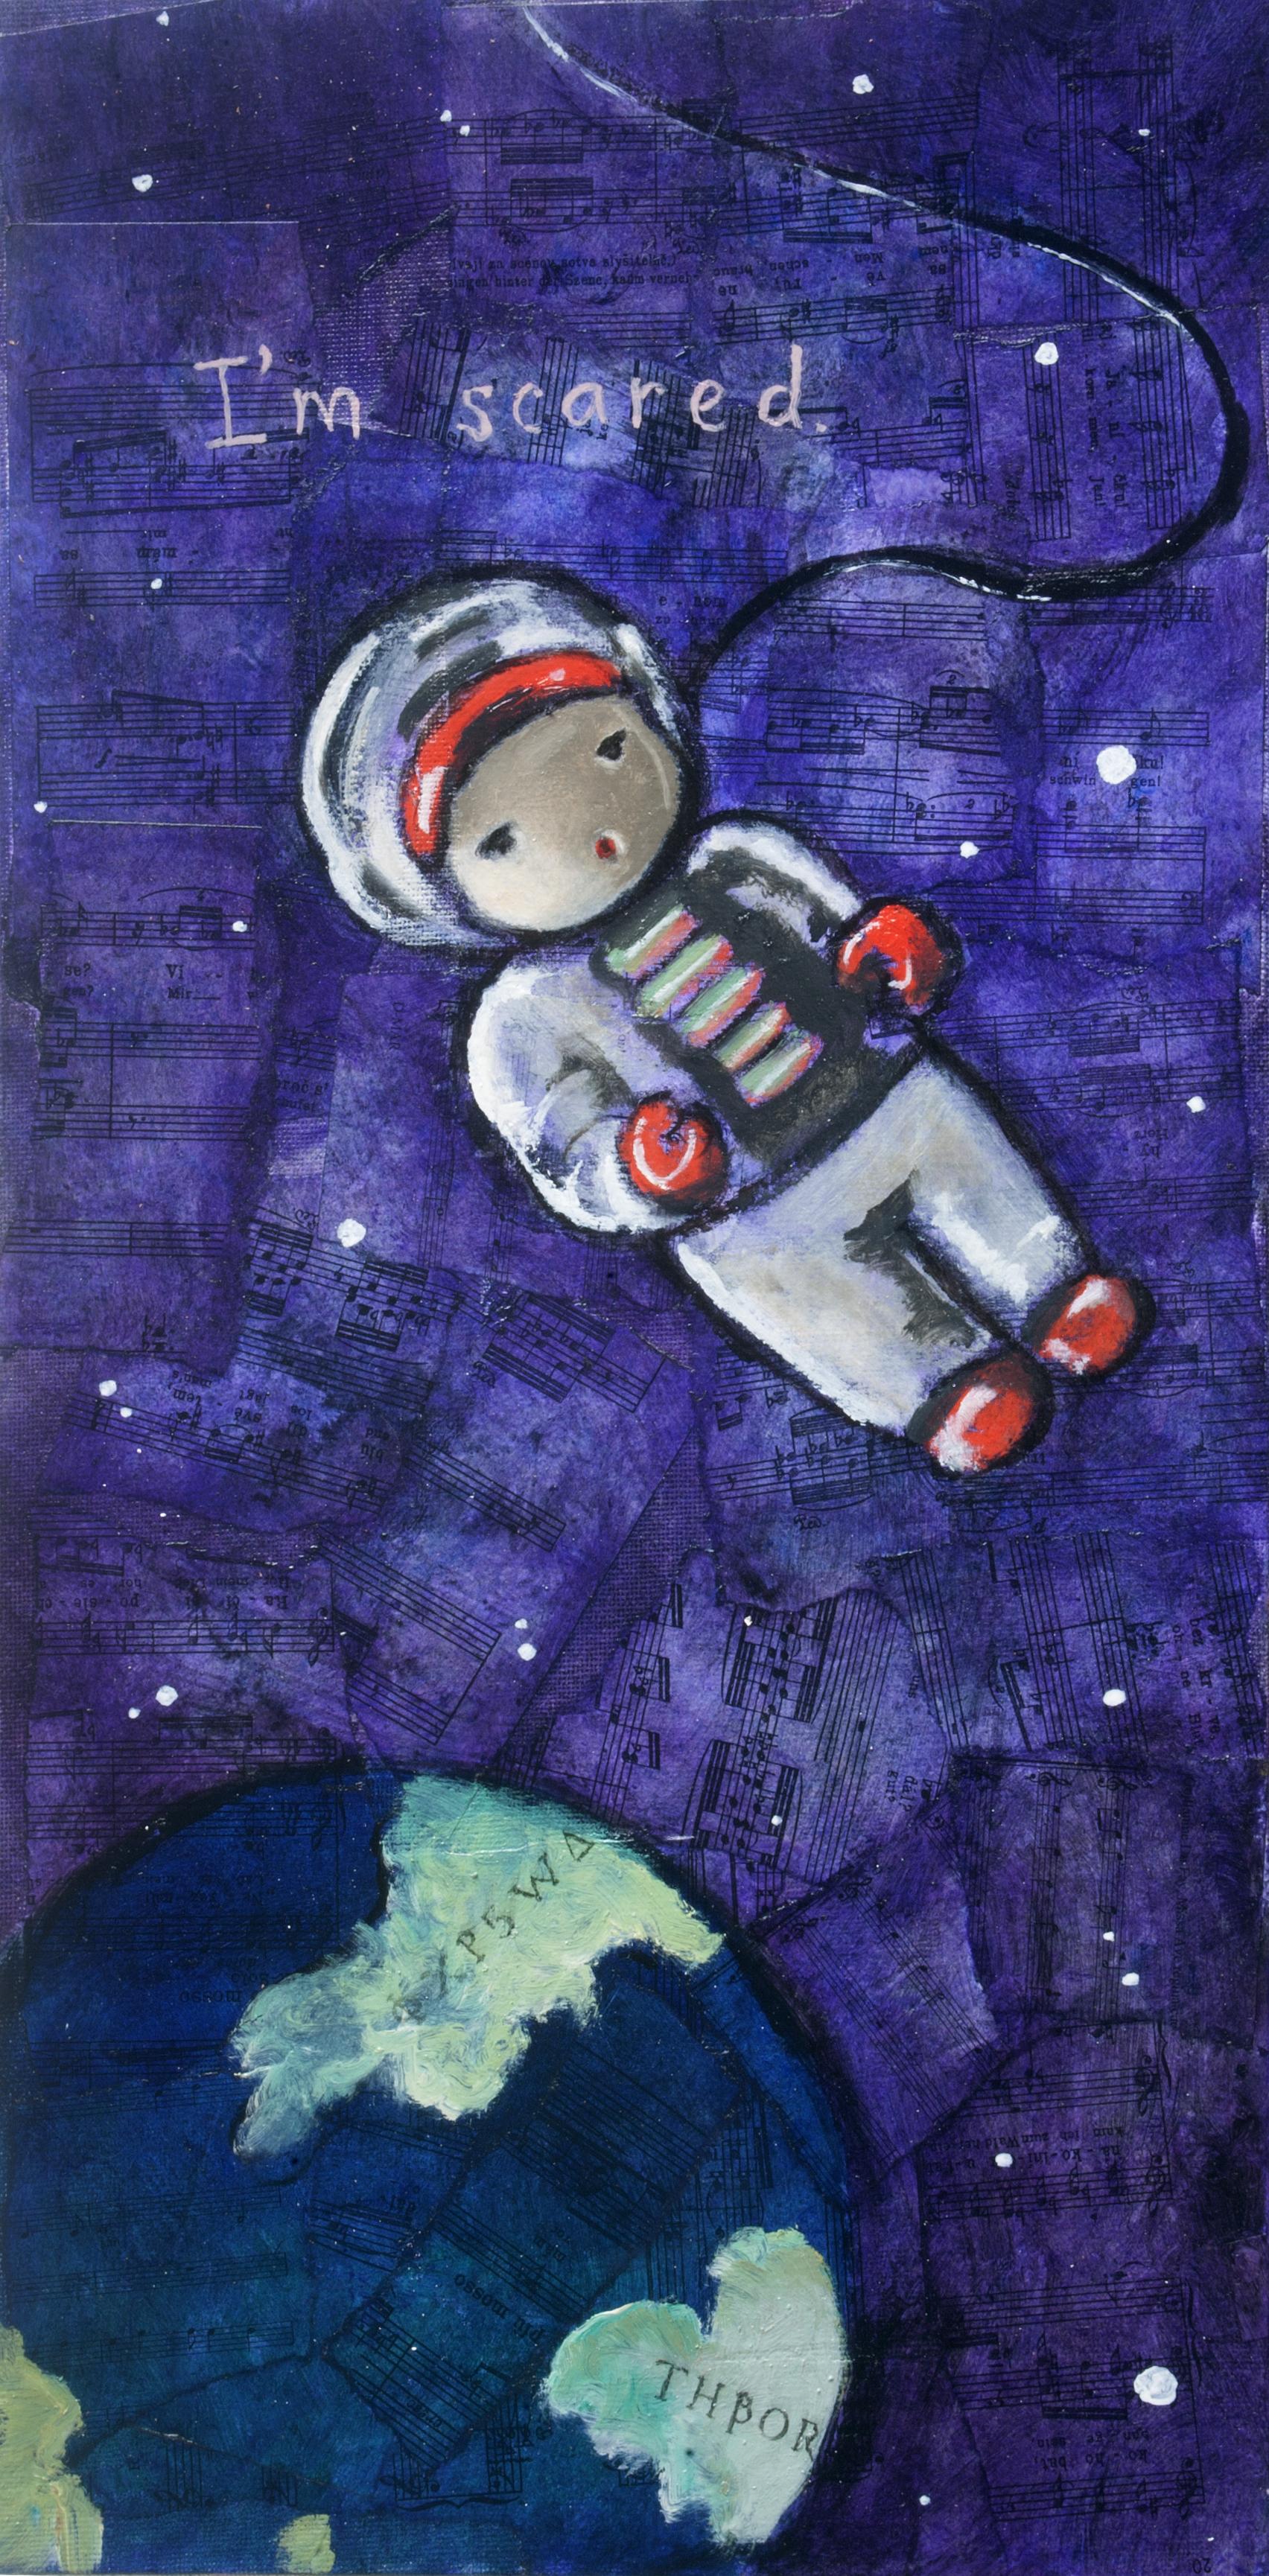 Cosmonaut (I'm Scared)